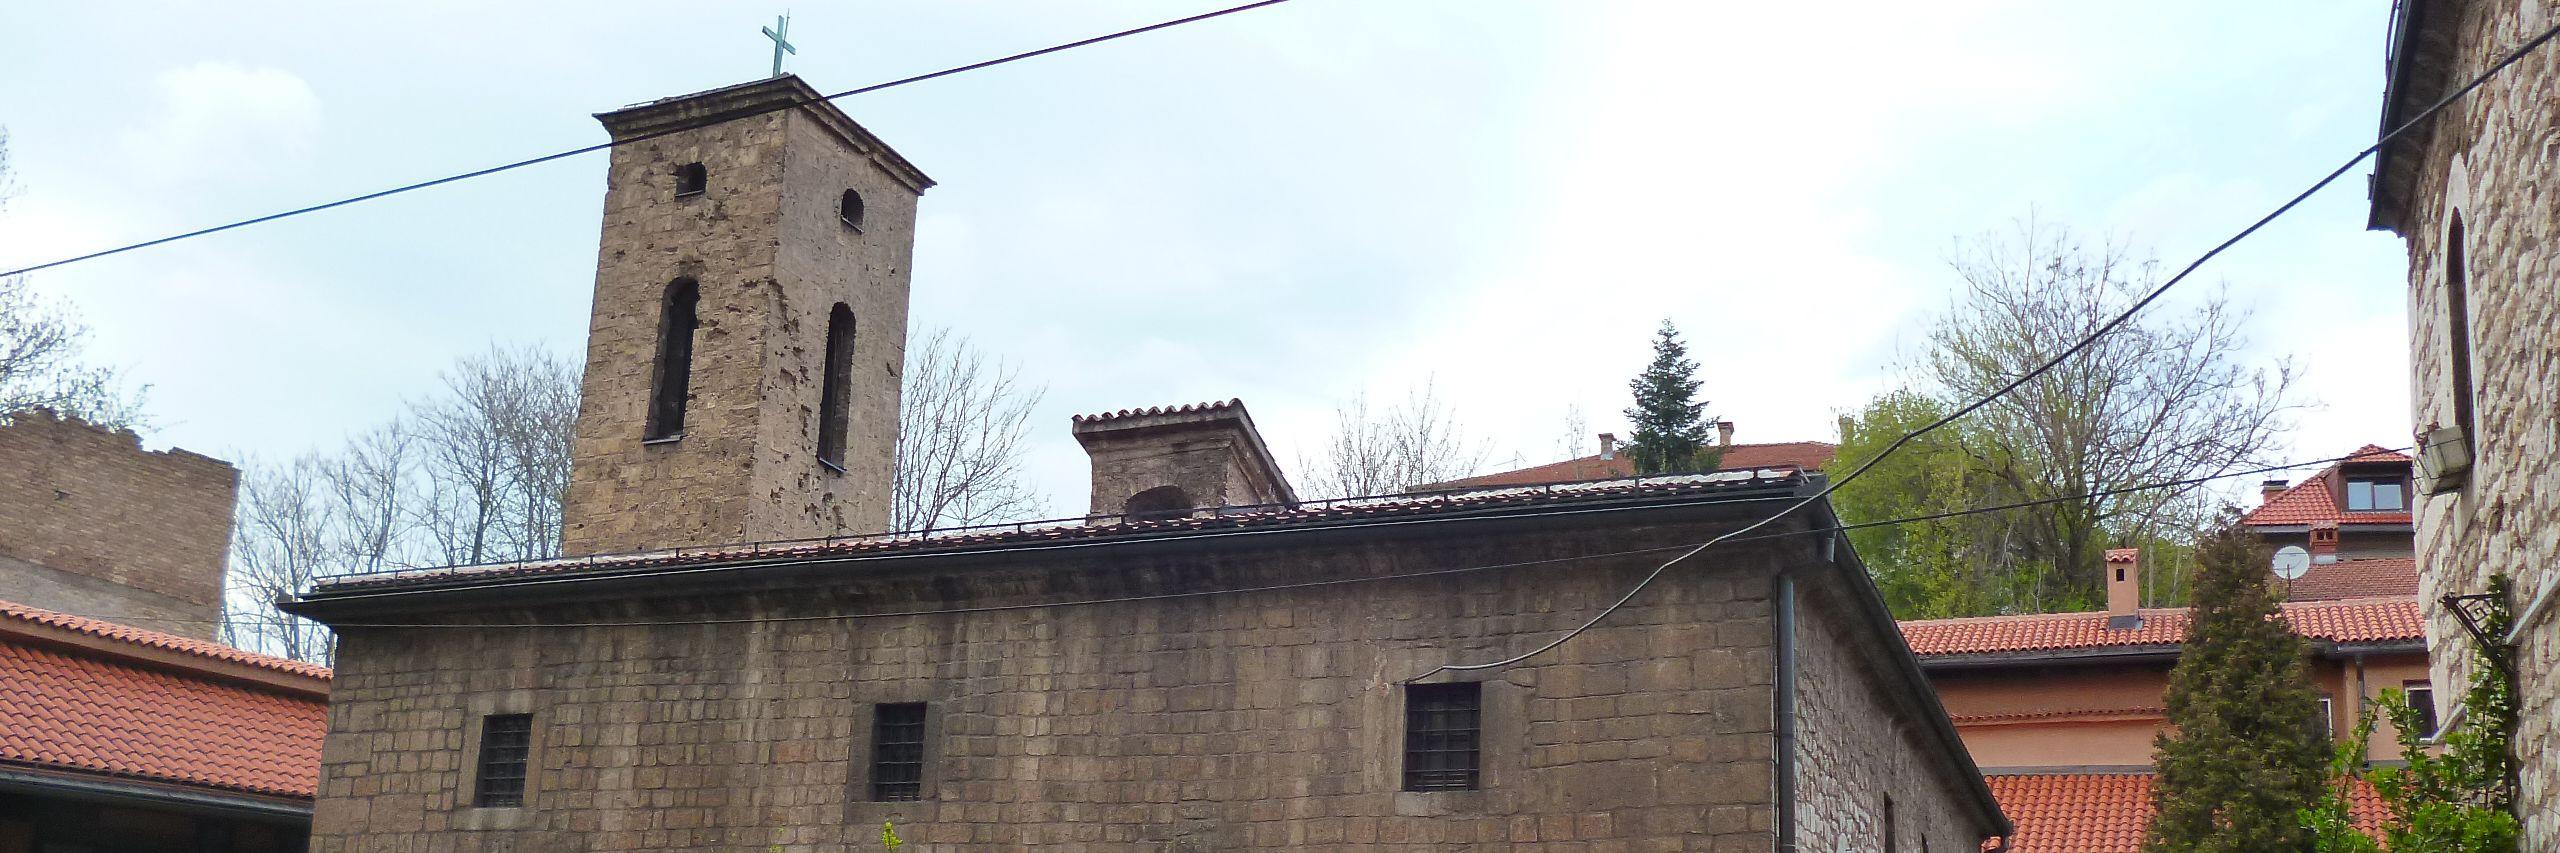 Александр Гильфердинг о православной церкви в Сараеве